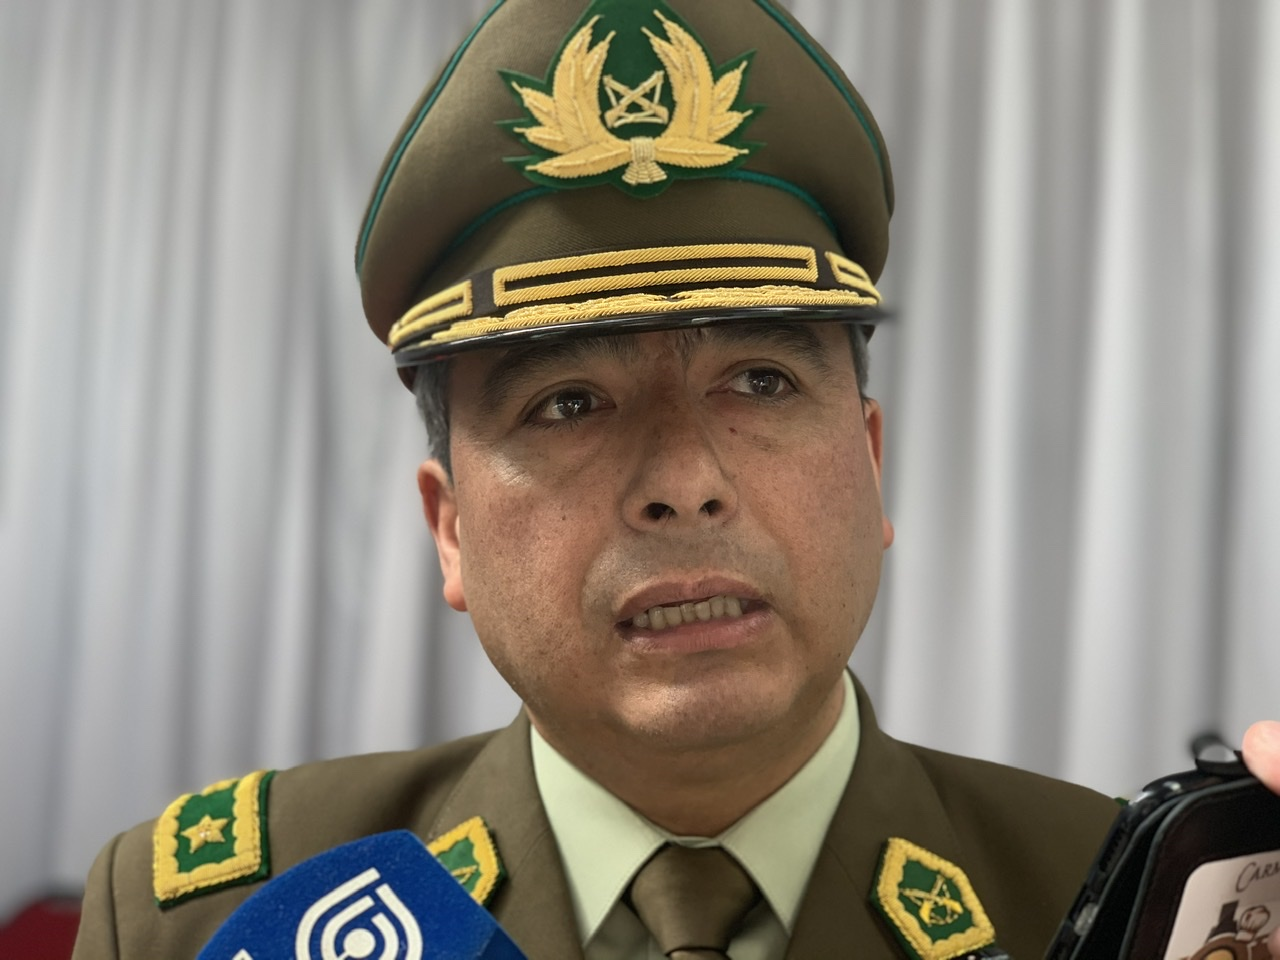 Nuevo general de zona en Biobío anuncia que va a trabajar «con y por los derechos humanos»